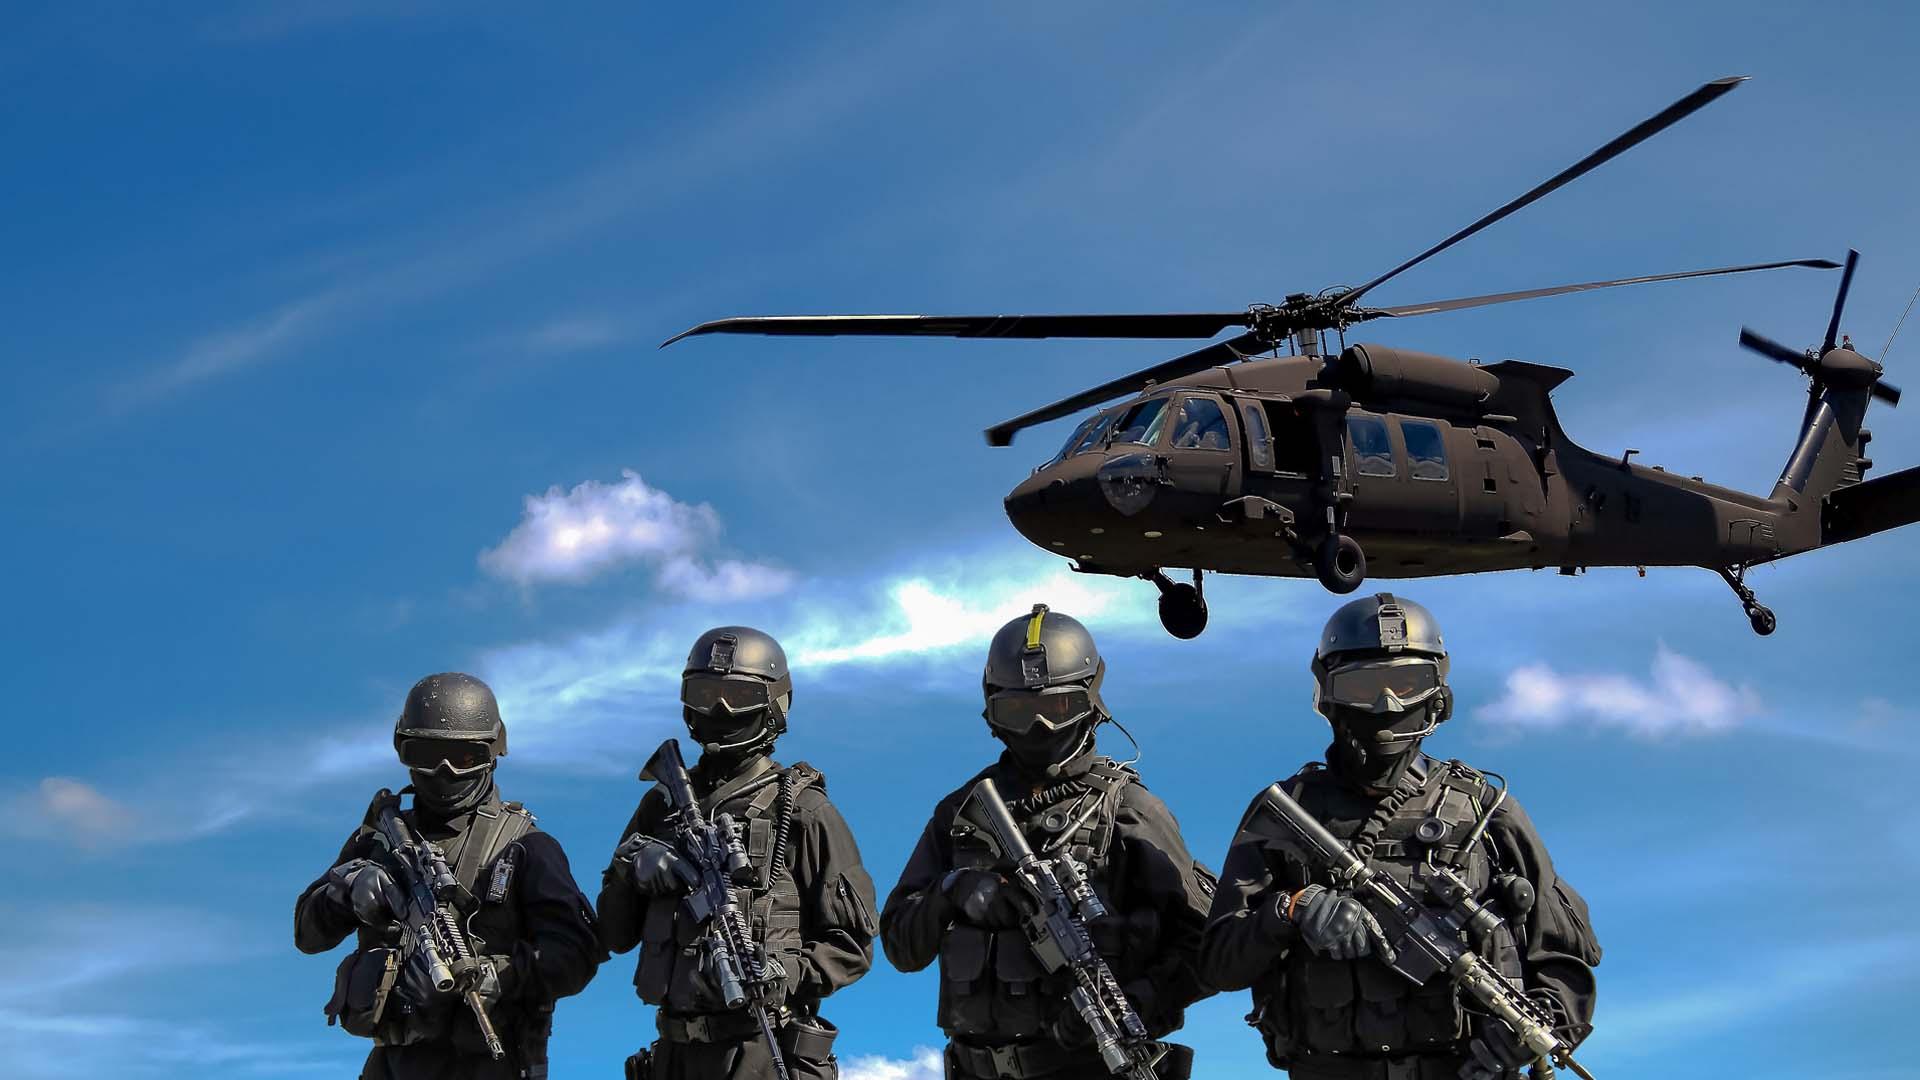 الدلالات الاستراتيجية لدعم حلف الناتو قدرات العراق الدفاعية